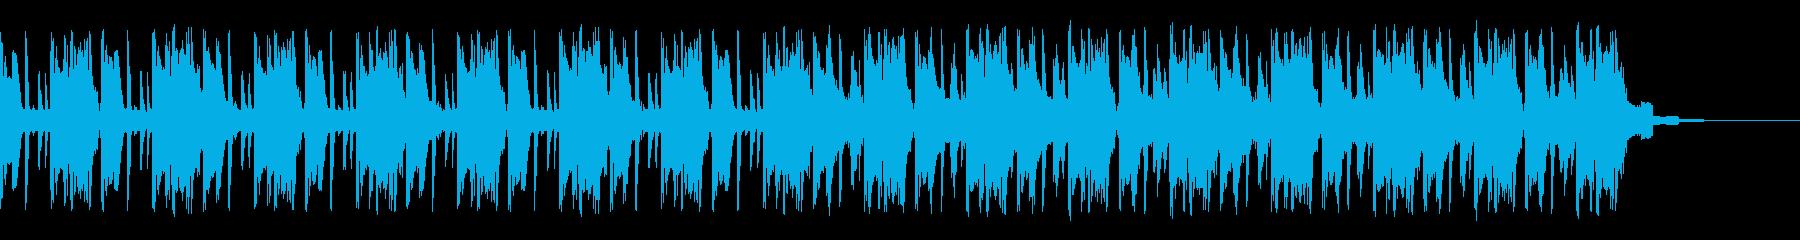 ロボットの世界に壊れたピアノの再生済みの波形